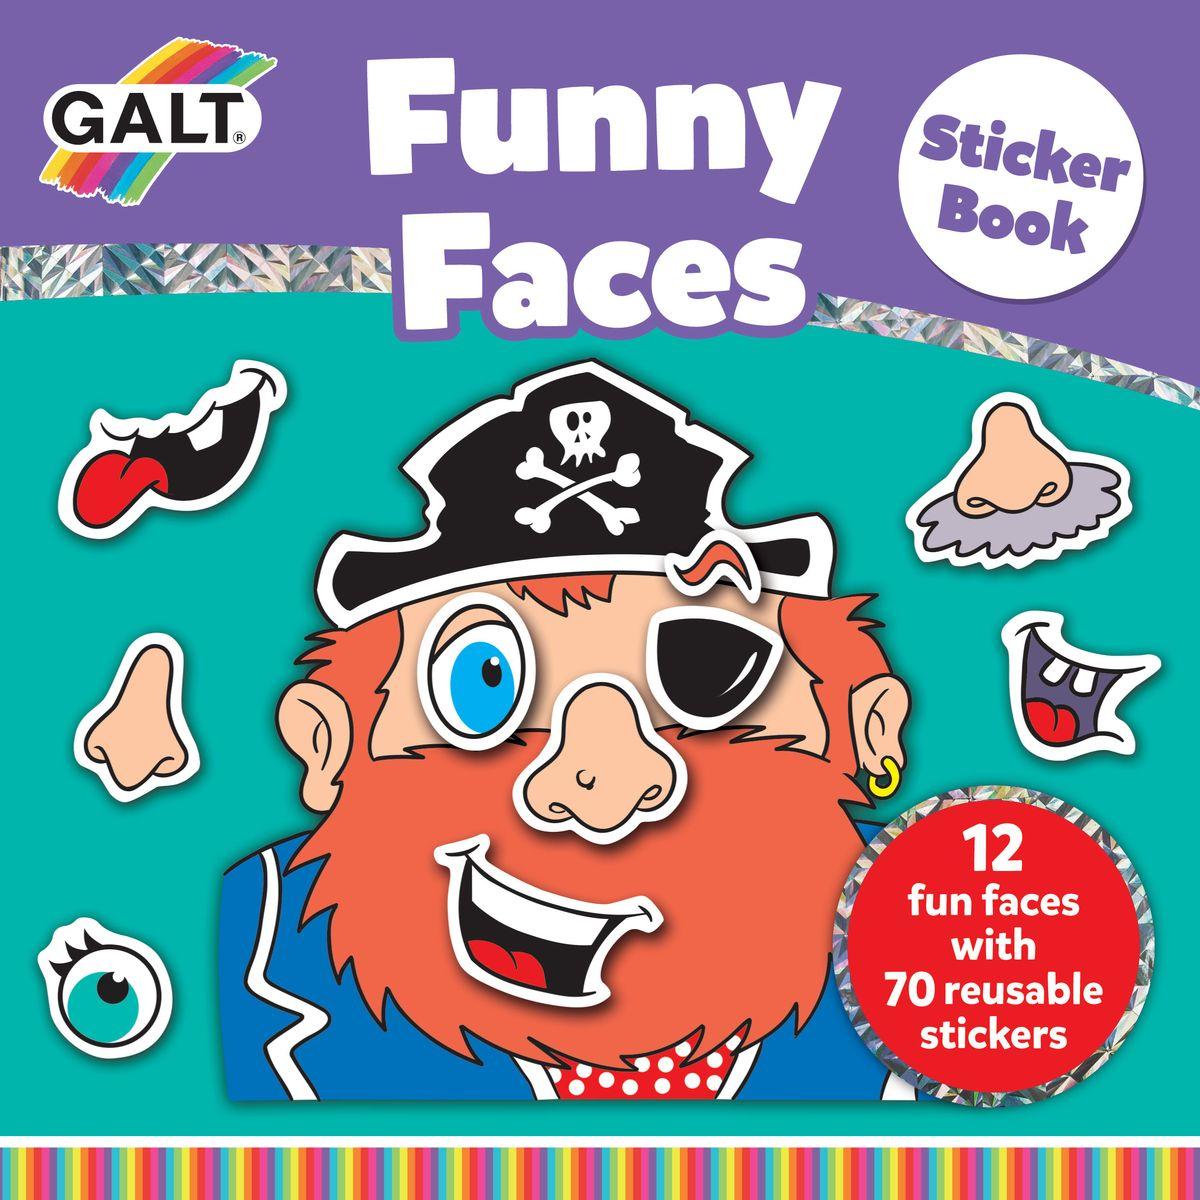 """Набор """"Смешное лицо"""", 12 различных лиц и 2 листка с многоразовыми стикерами (глаза, рот, нос , уши). Развивает фантазию, воображение и творческие способности ребенка."""